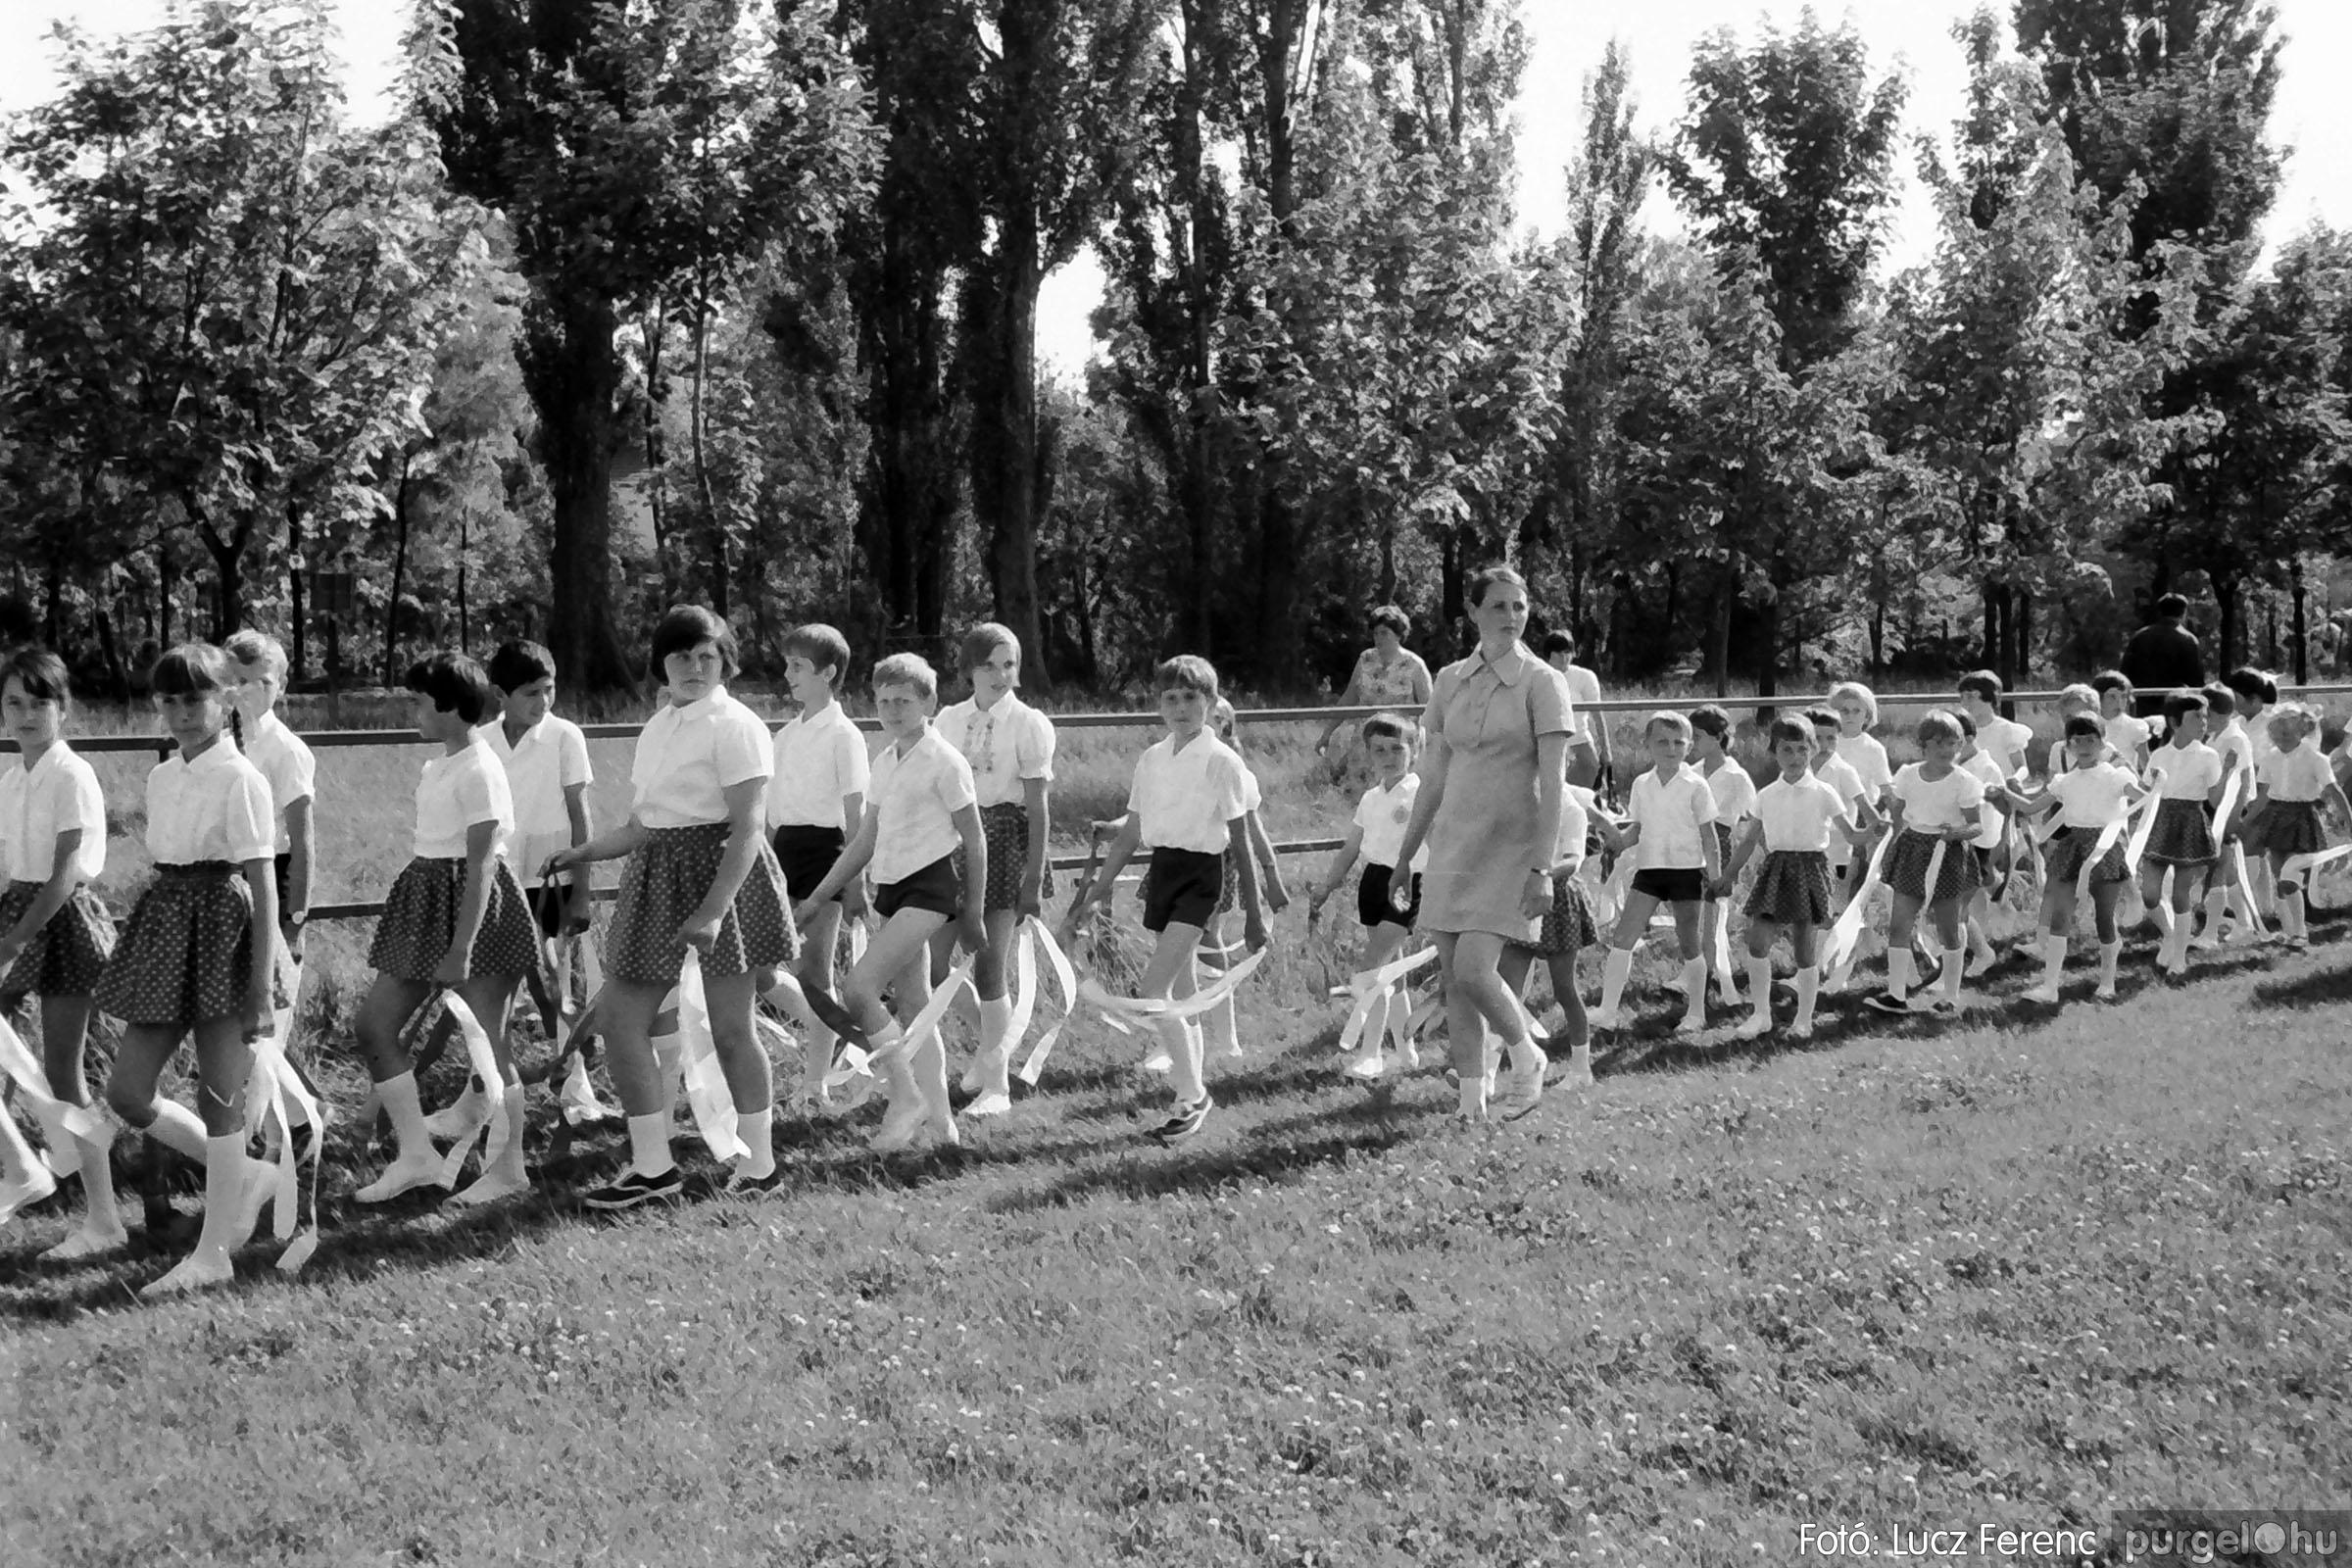 017 1975.04. Május elsejei tornabemutató főpróbája a sportpályán 021 - Fotó: Lucz Ferenc IMG00022q.jpg